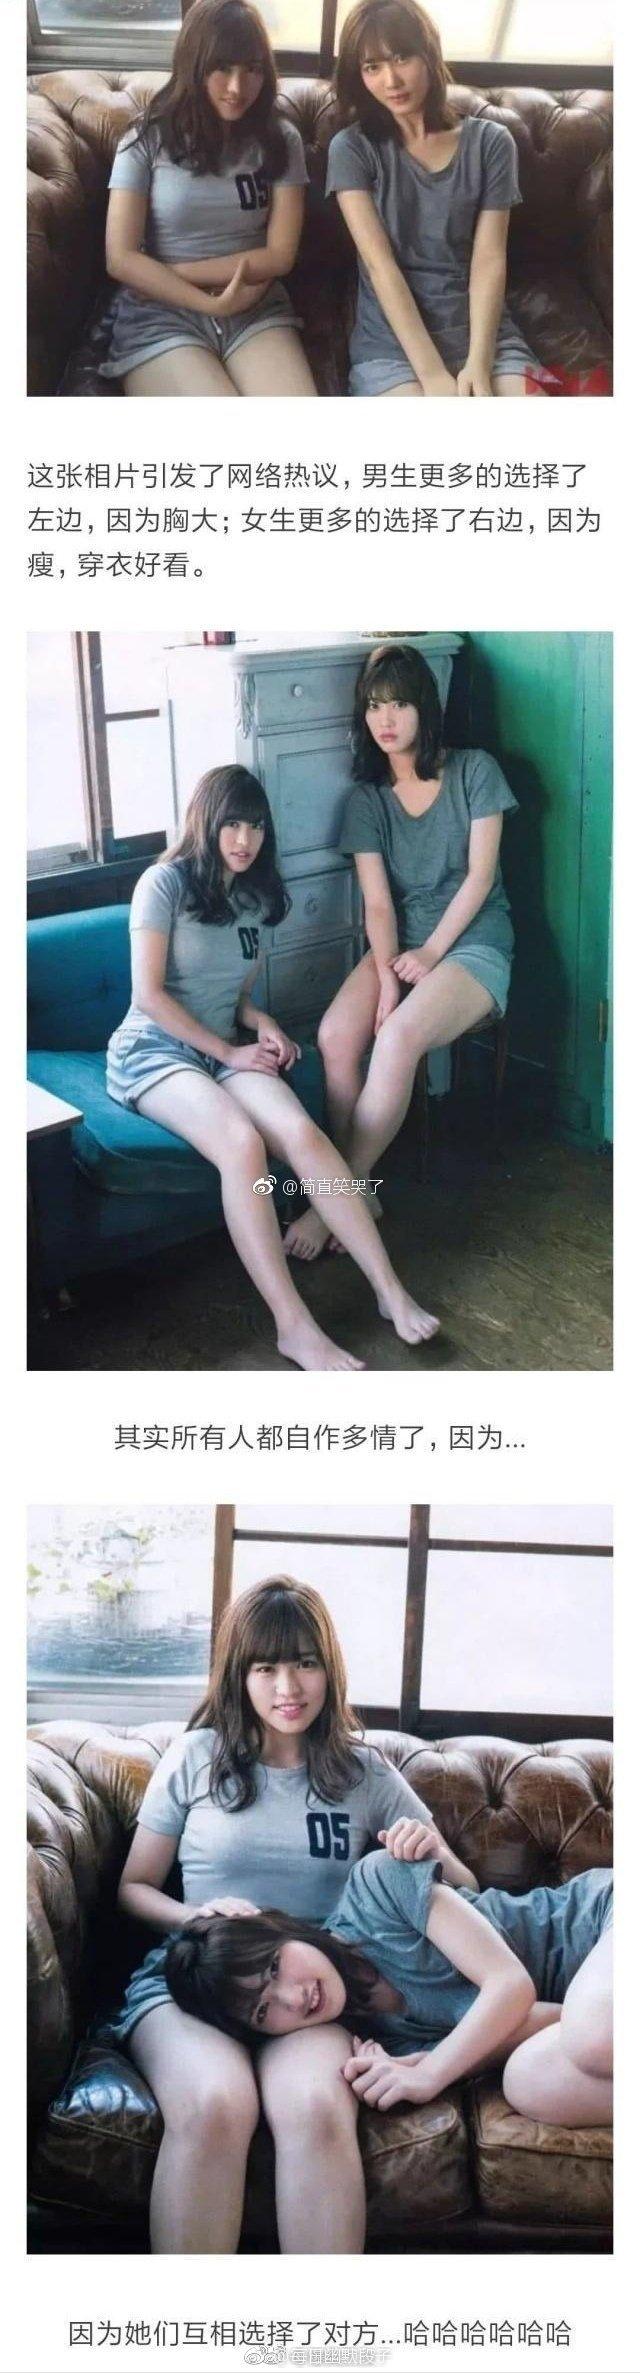 肉感和骨感的两个美女,你们怎么选